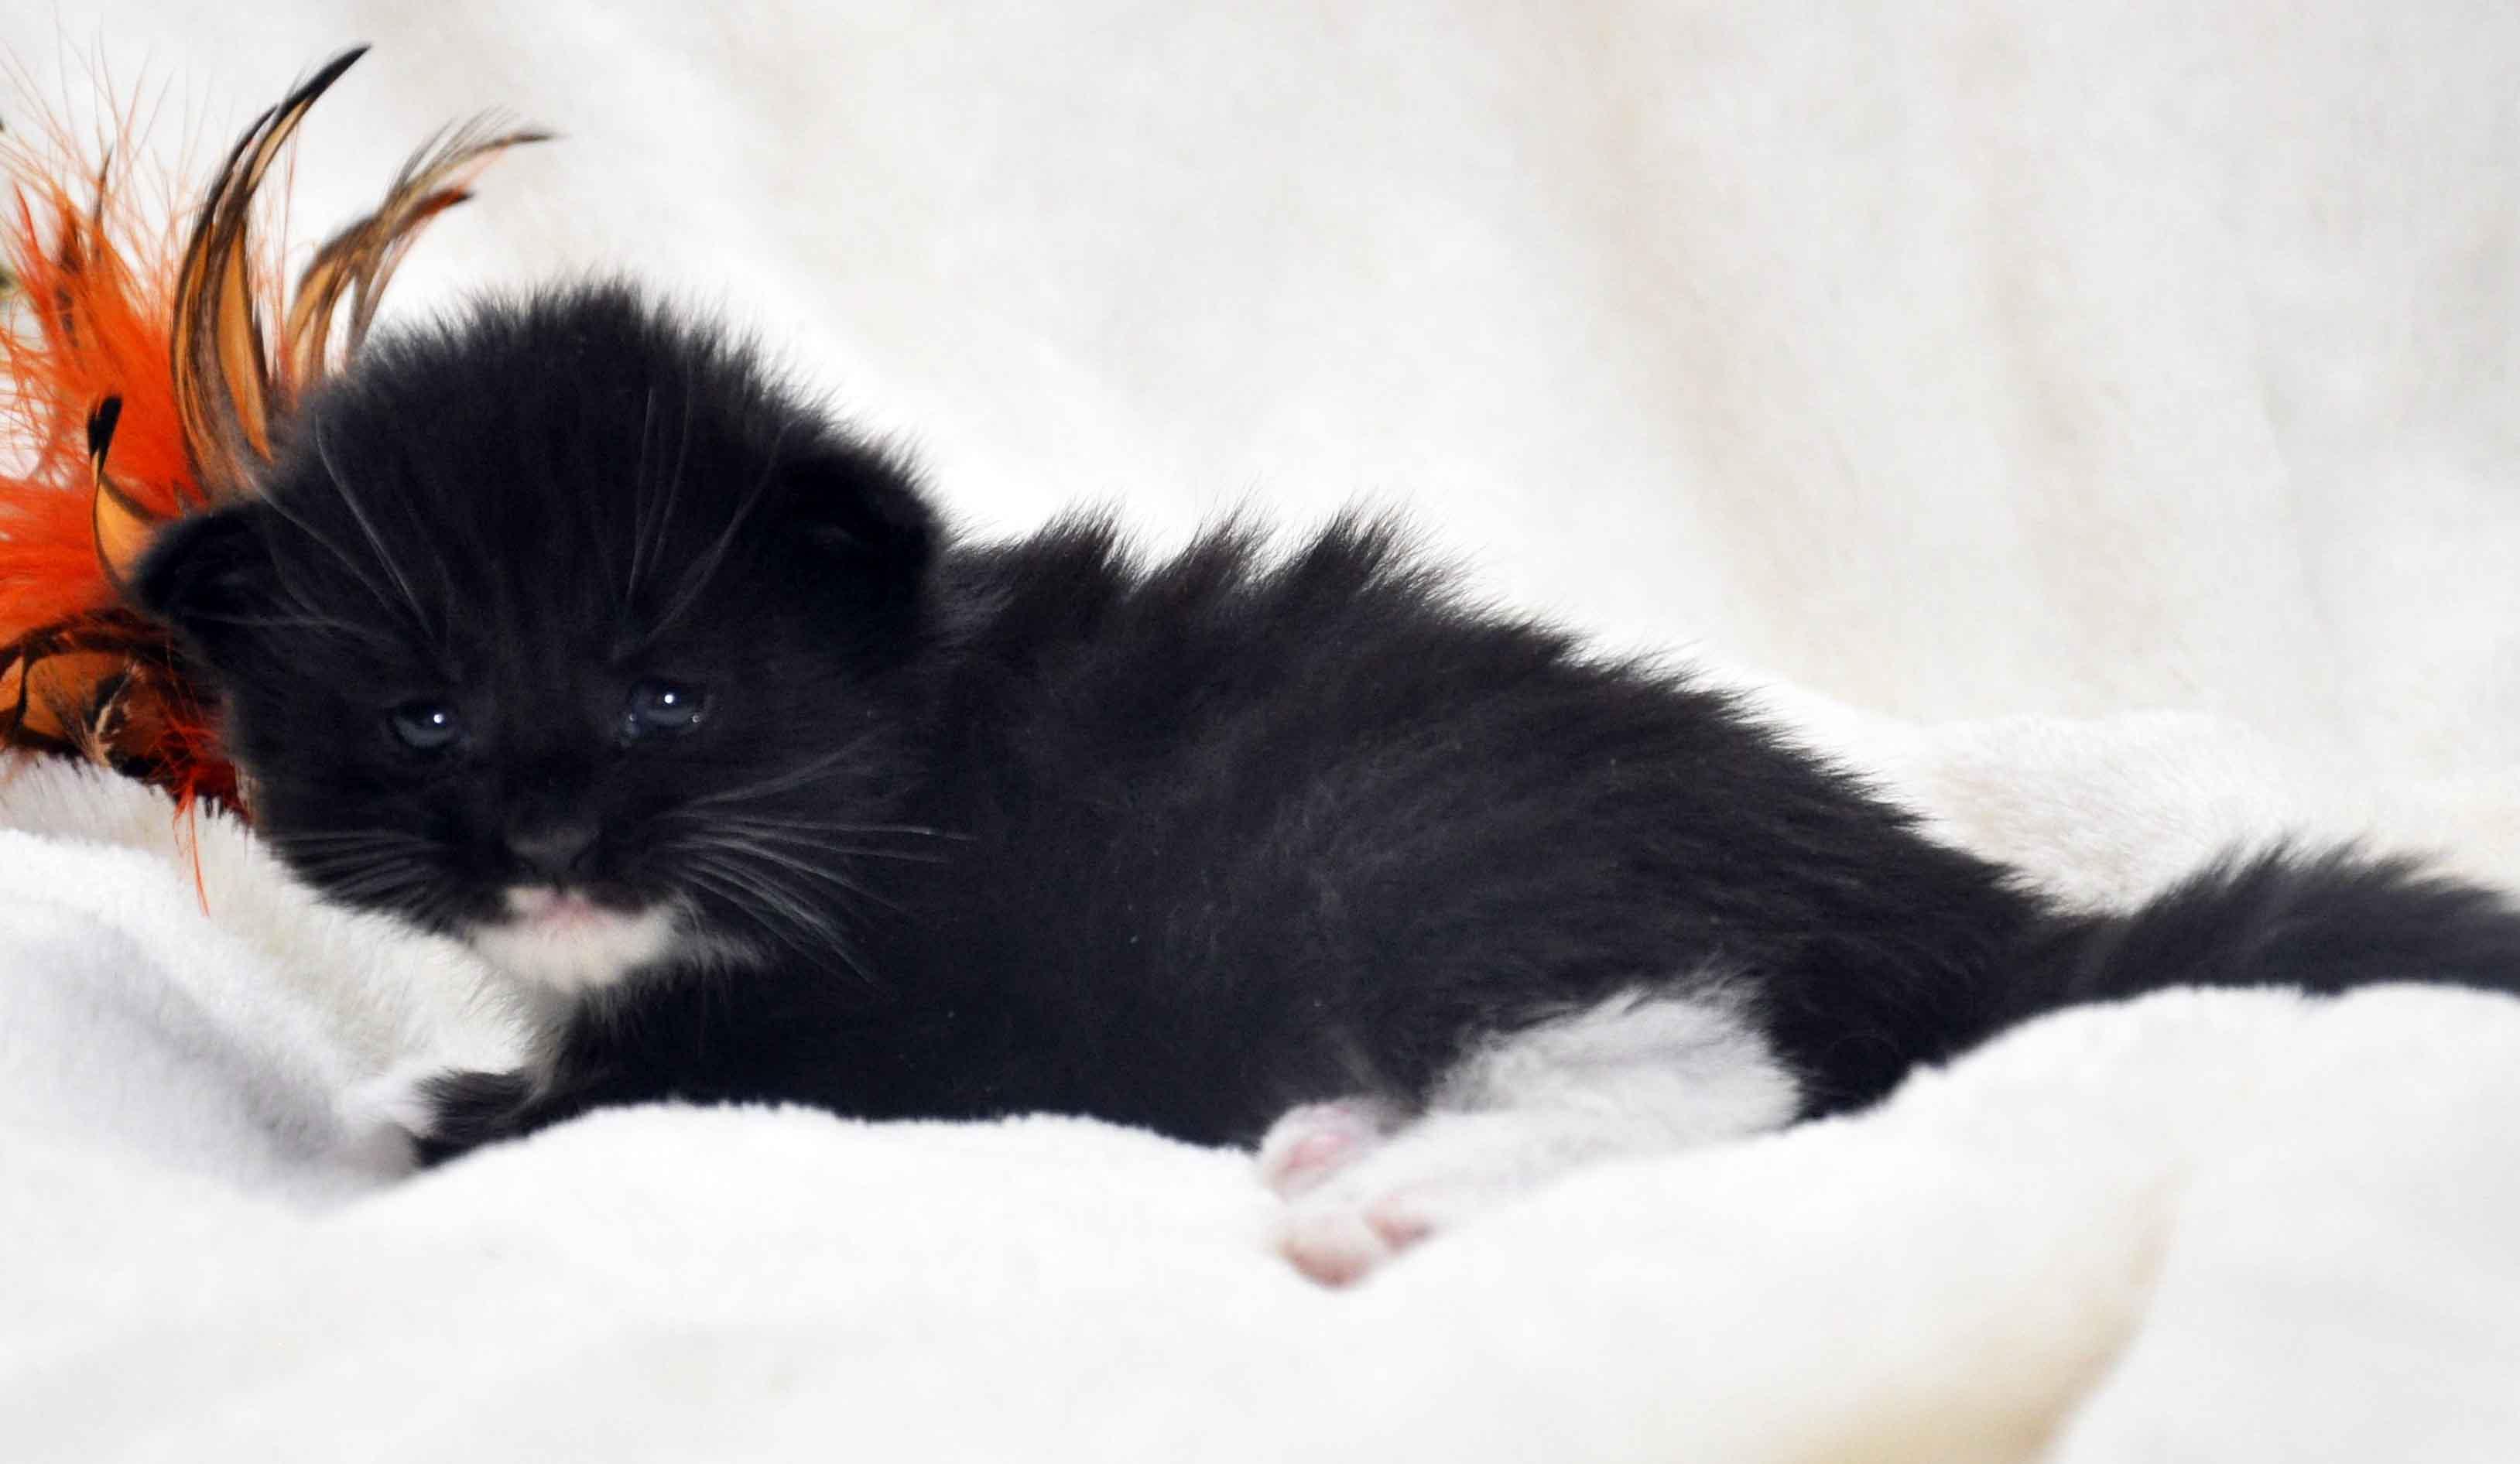 Eyktan-кошка-Мейн-Кун-1-помёт-M.-Дата-рождения-15.06.2017-г.-фото-1.jpg